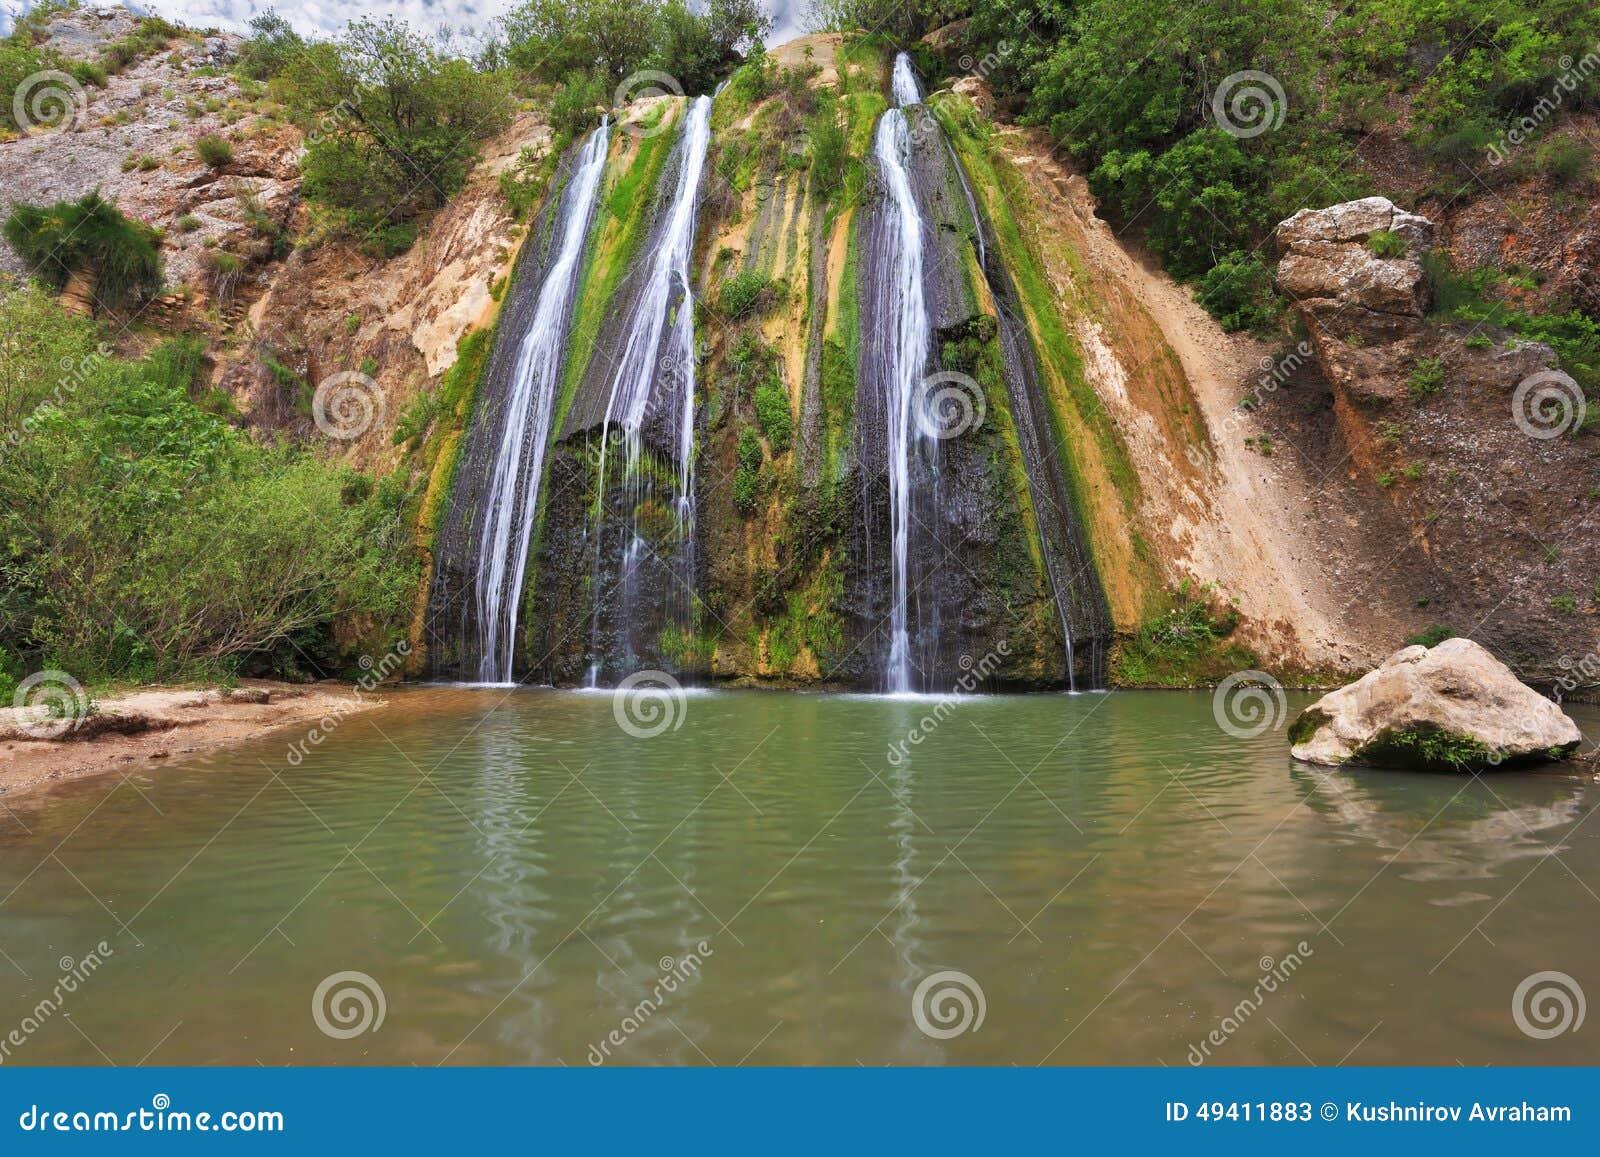 Download Drei Parallele Ströme Wasser Stockbild - Bild von auge, bereich: 49411883